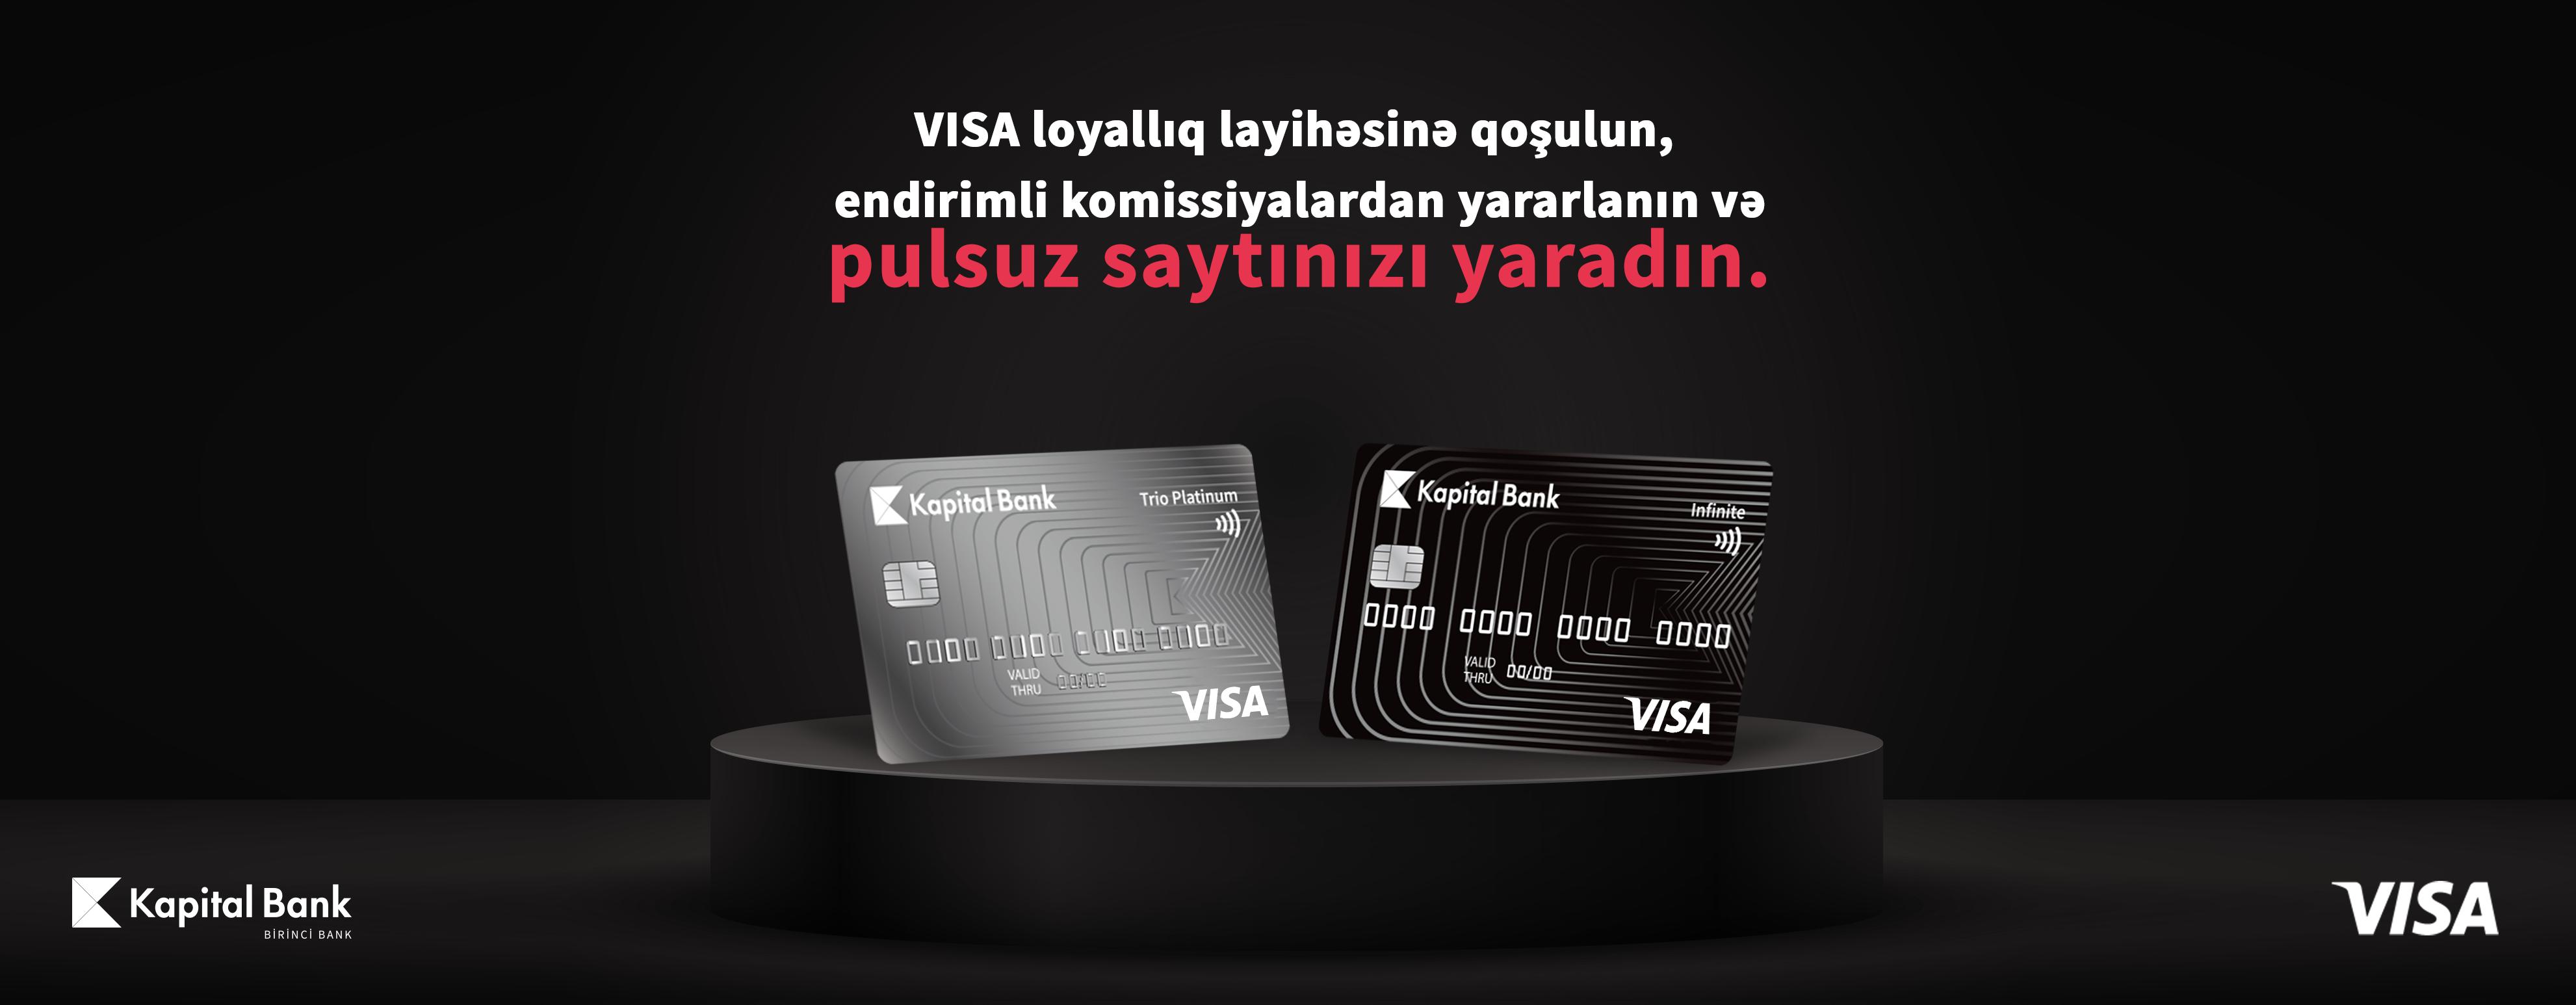 Kapital Bank Visa kartlarına endirim verən partnyorlara əlverişli imkanlar təqdim edir